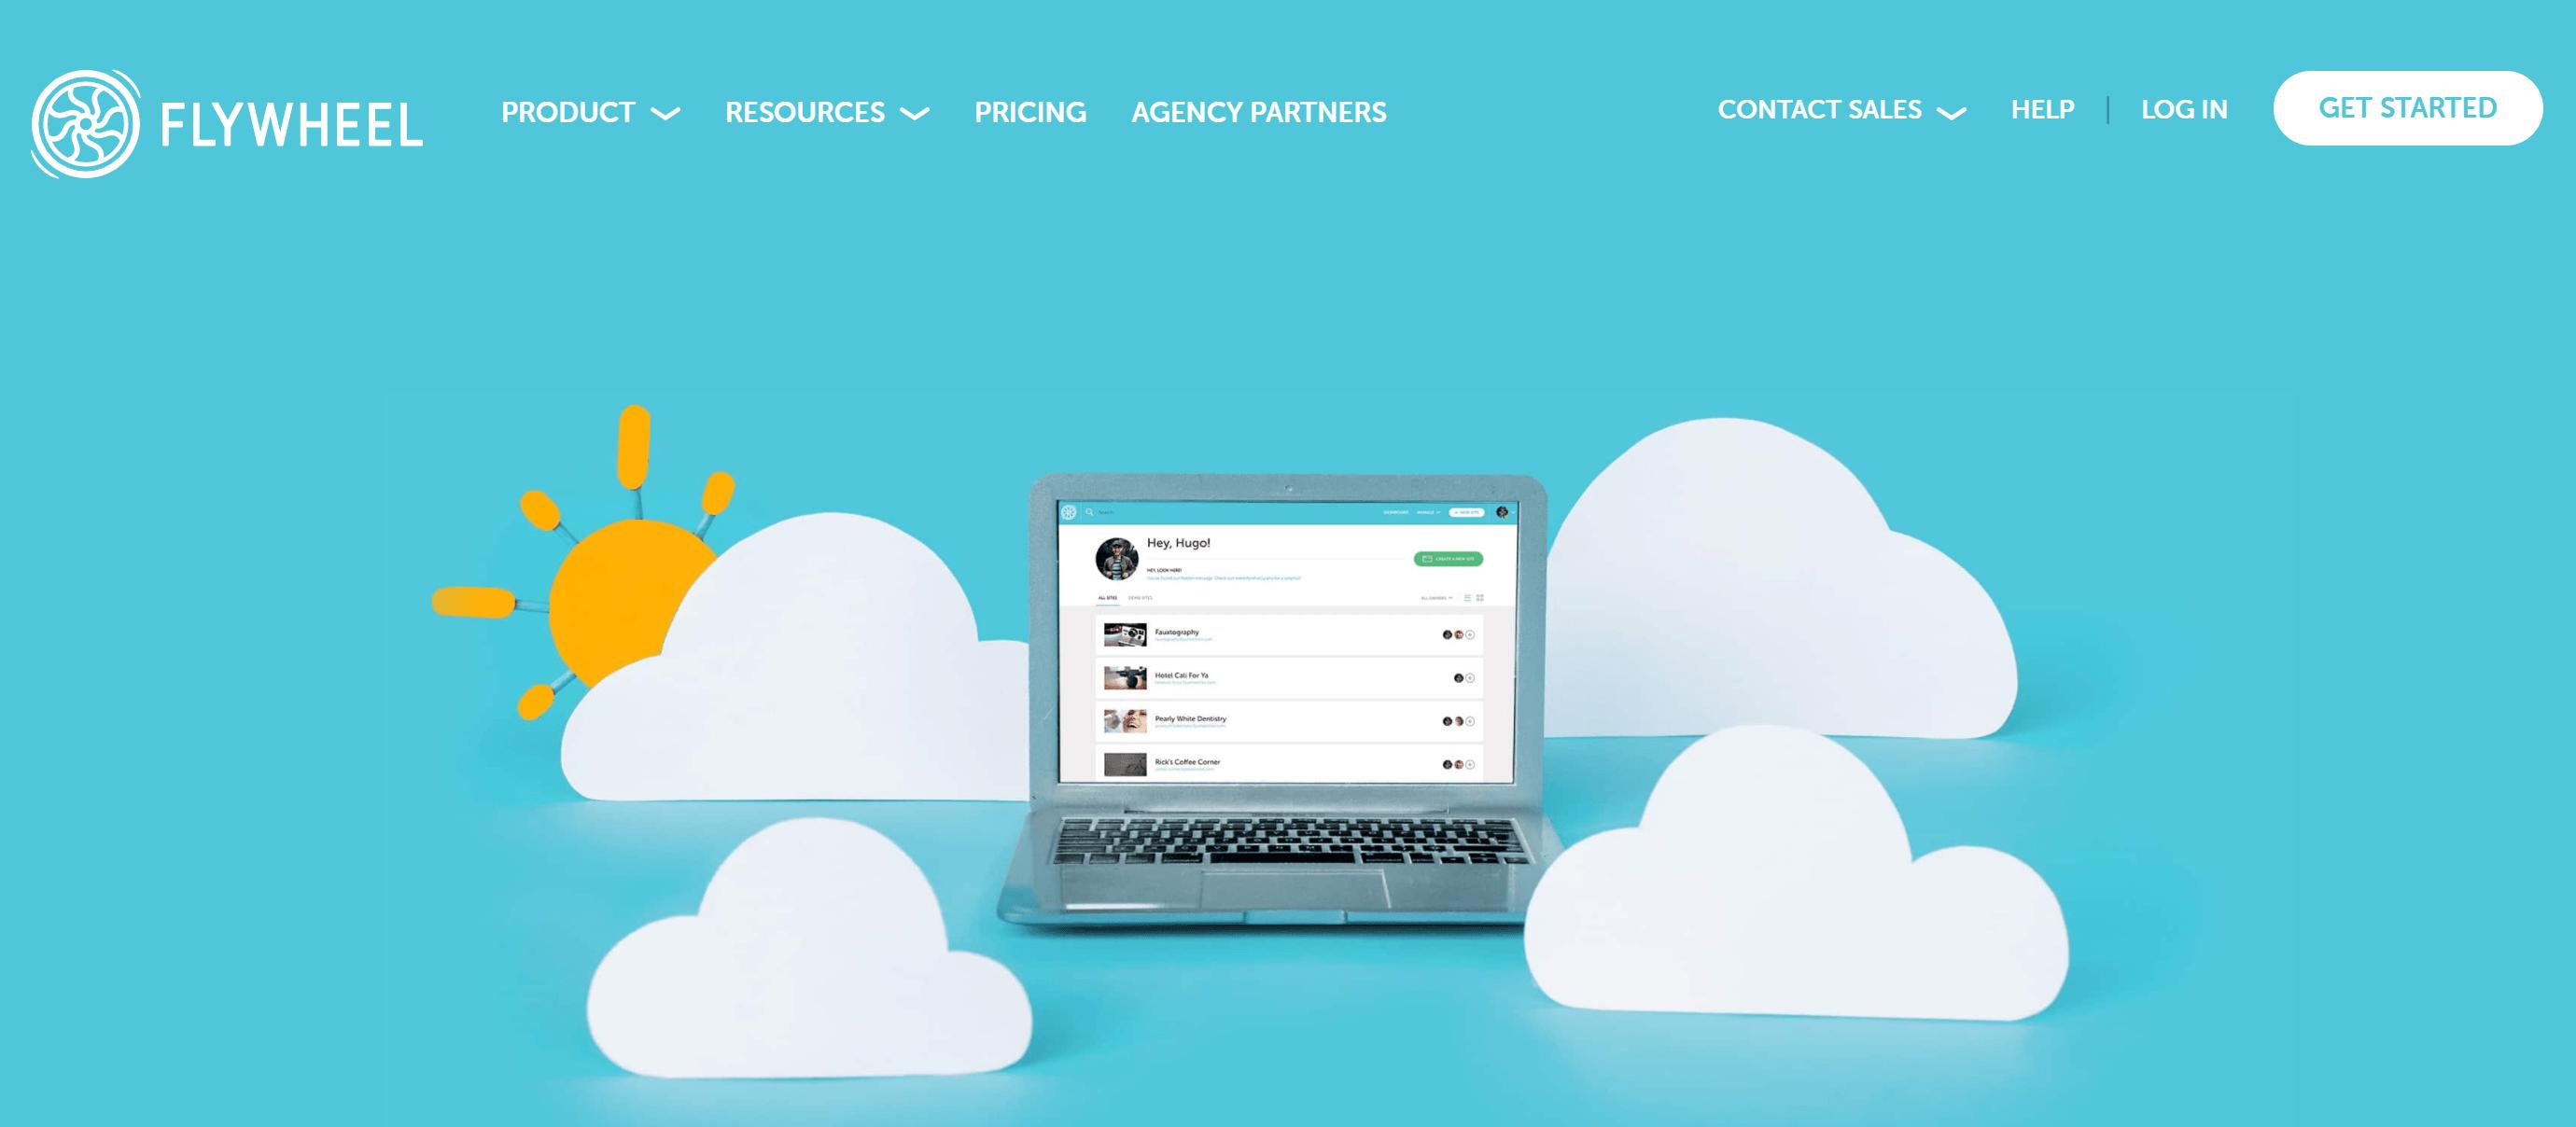 Flywheel cloud platforms